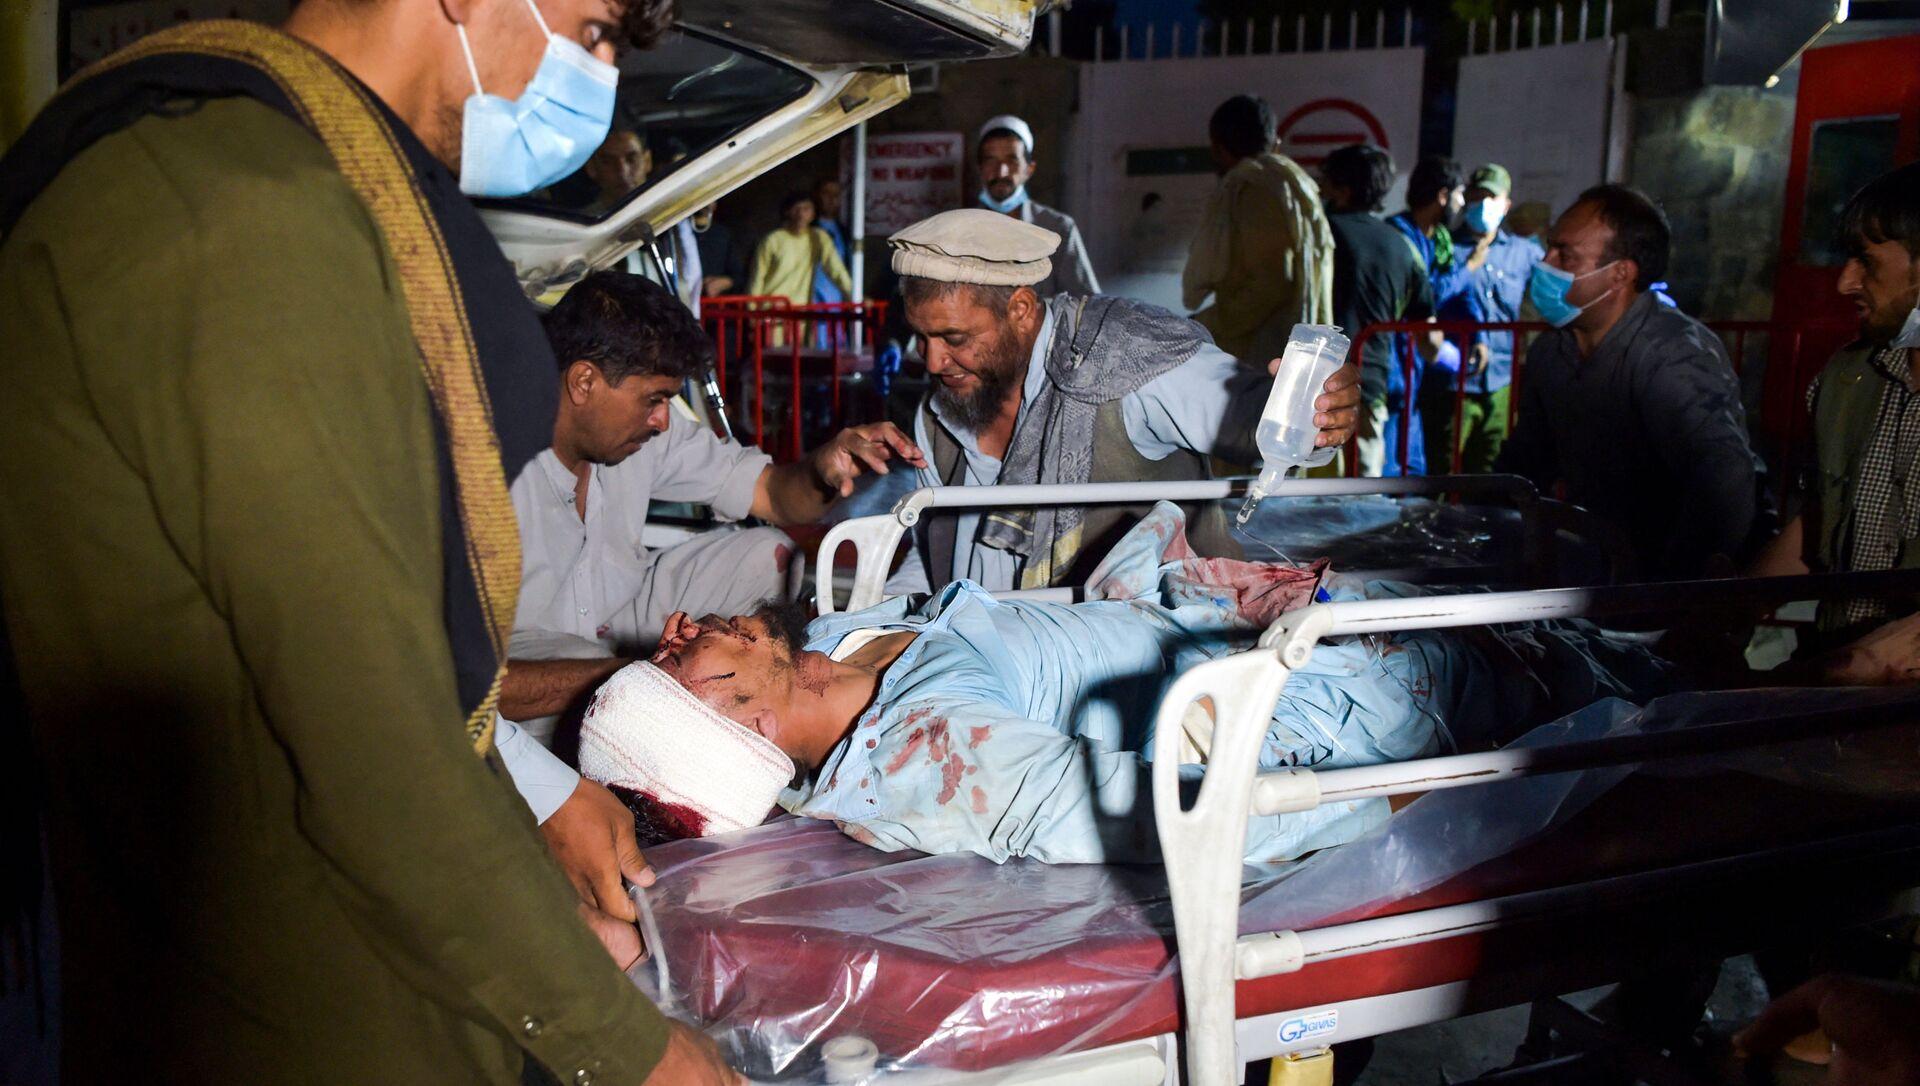 Nhân viên y tế đang khiêng một người đàn ông bị thương trên cáng để hỗ trợ y tế sau hai vụ nổ ở sân bay Kabul - Sputnik Việt Nam, 1920, 26.08.2021